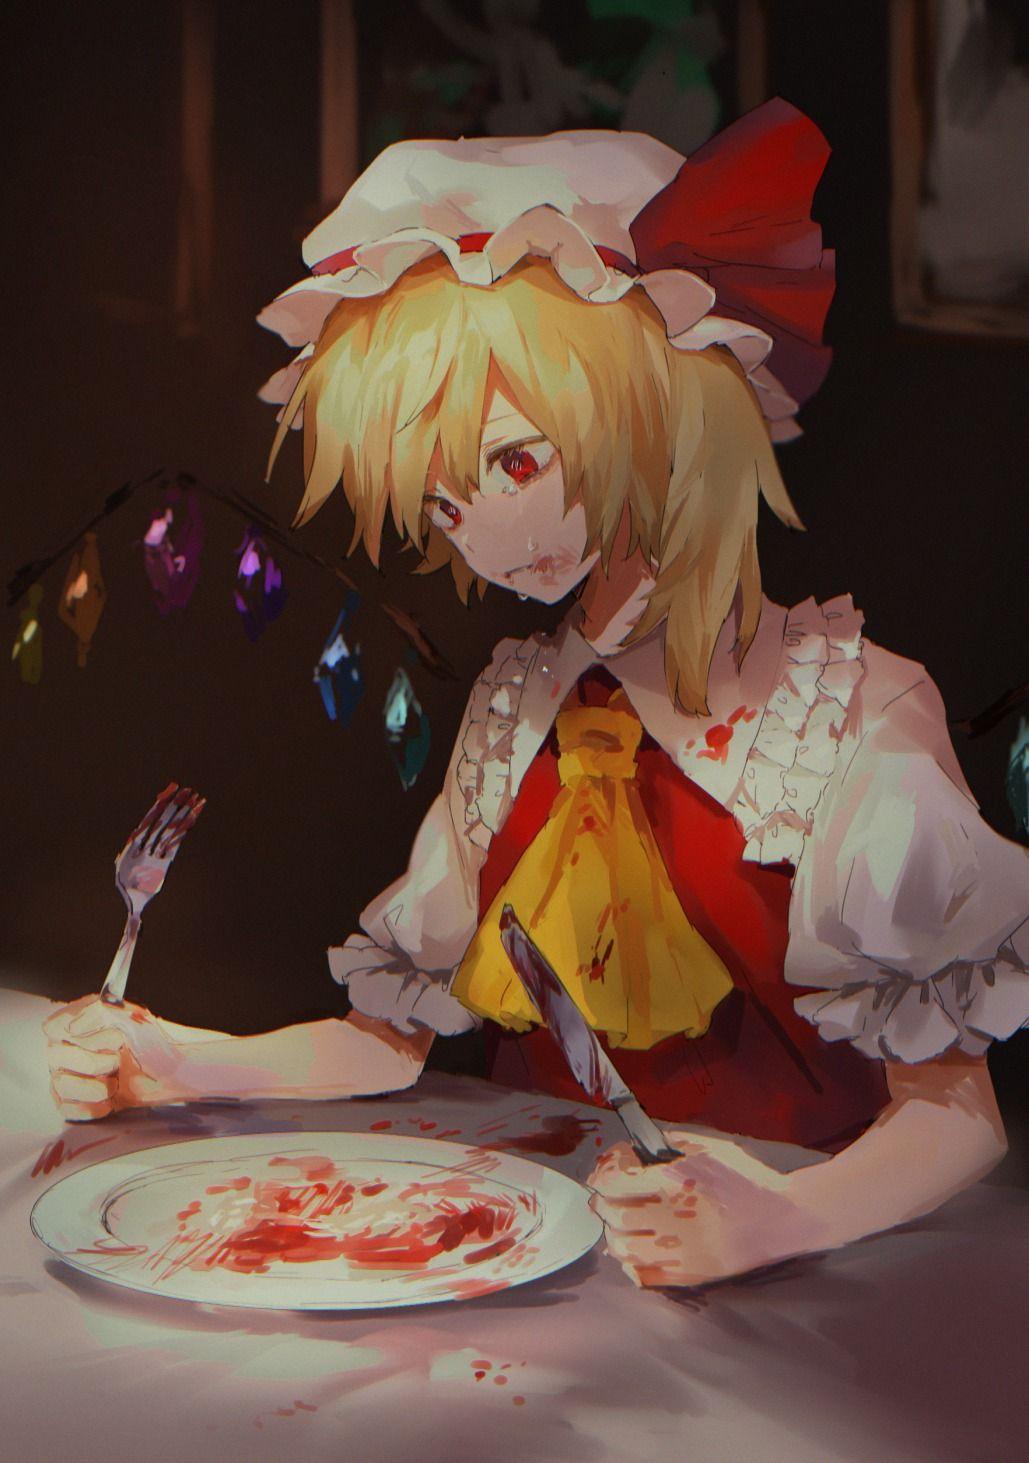 character おしゃれまとめの人気アイデア pinterest unimited404 東方 かわいい イラスト 芸術的アニメ少女